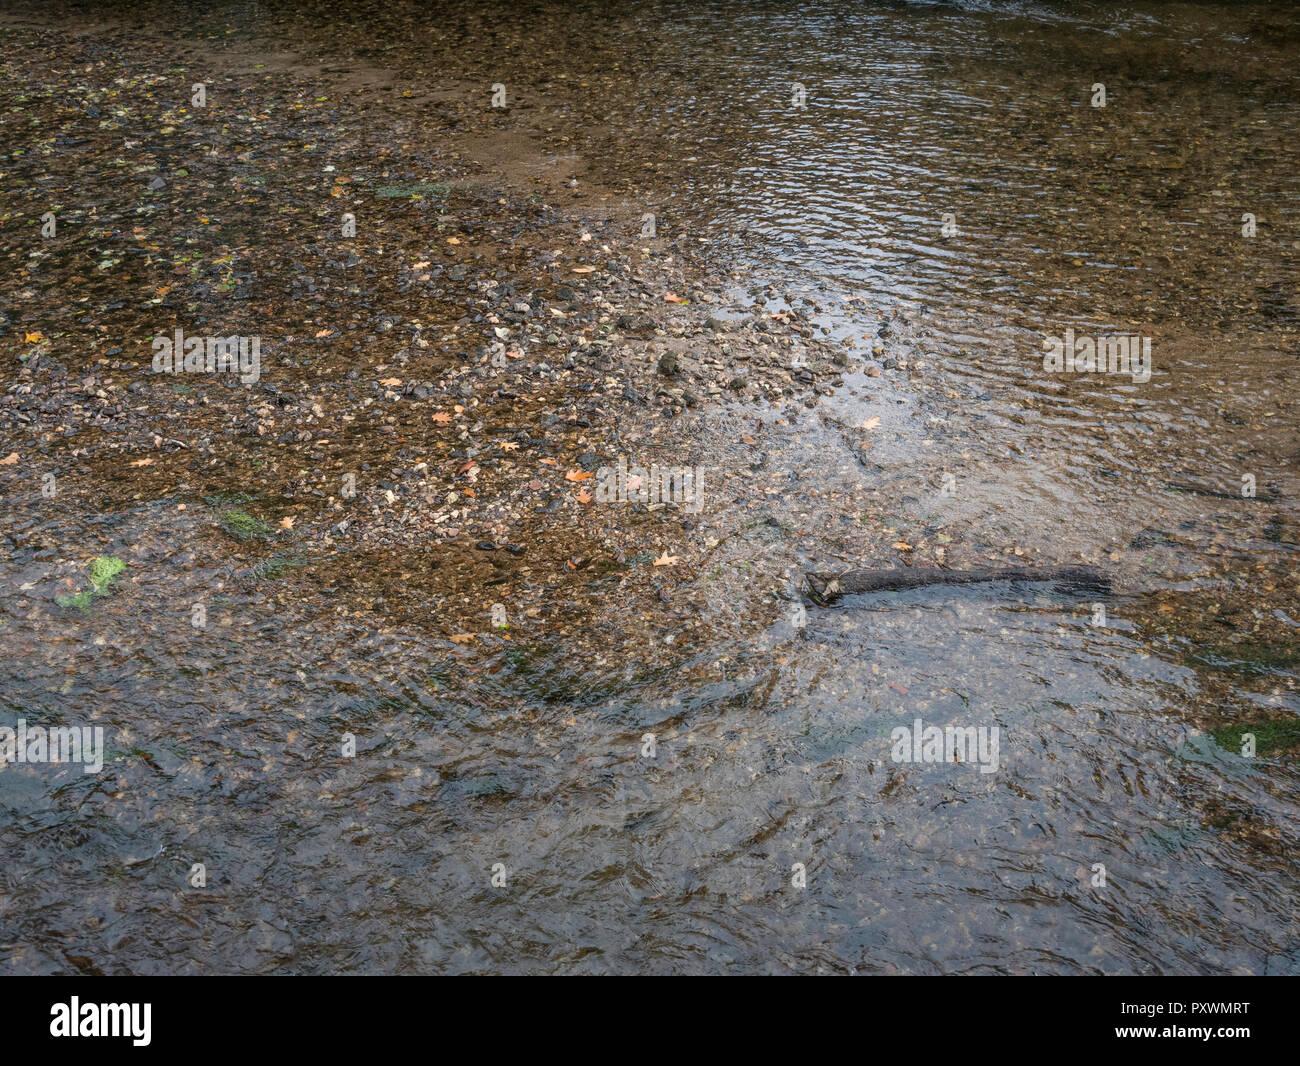 """Río poco profundo revelando el lecho del río de guijarros. Metáfora """"aguas de mar"""". Para el comercio del agua, el valor del agua, el agua como mercancía. Foto de stock"""